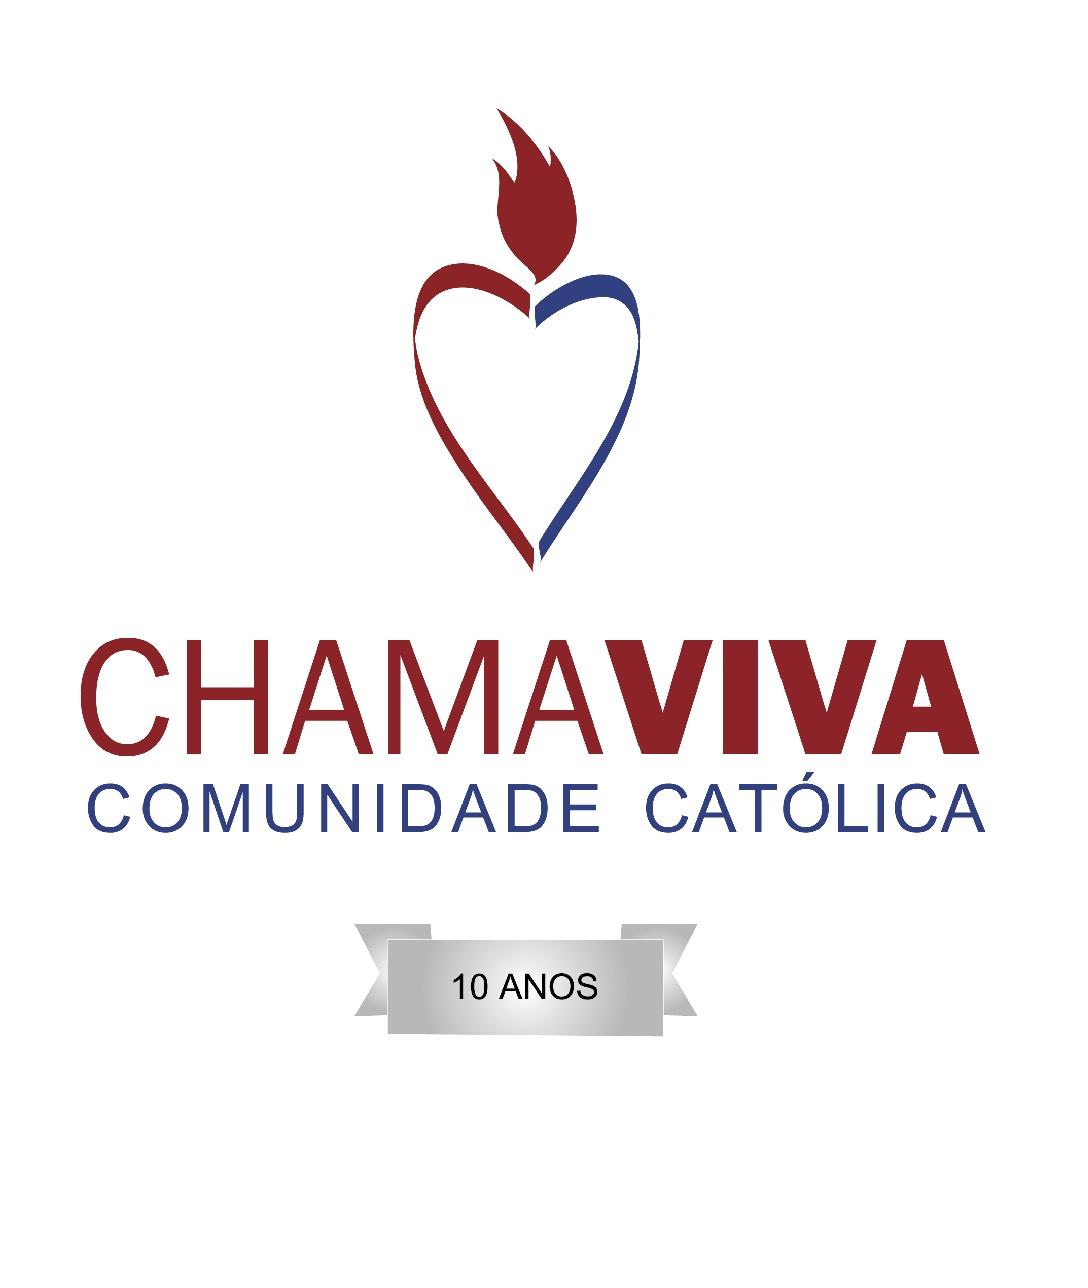 Comunidade Católica Chama Viva